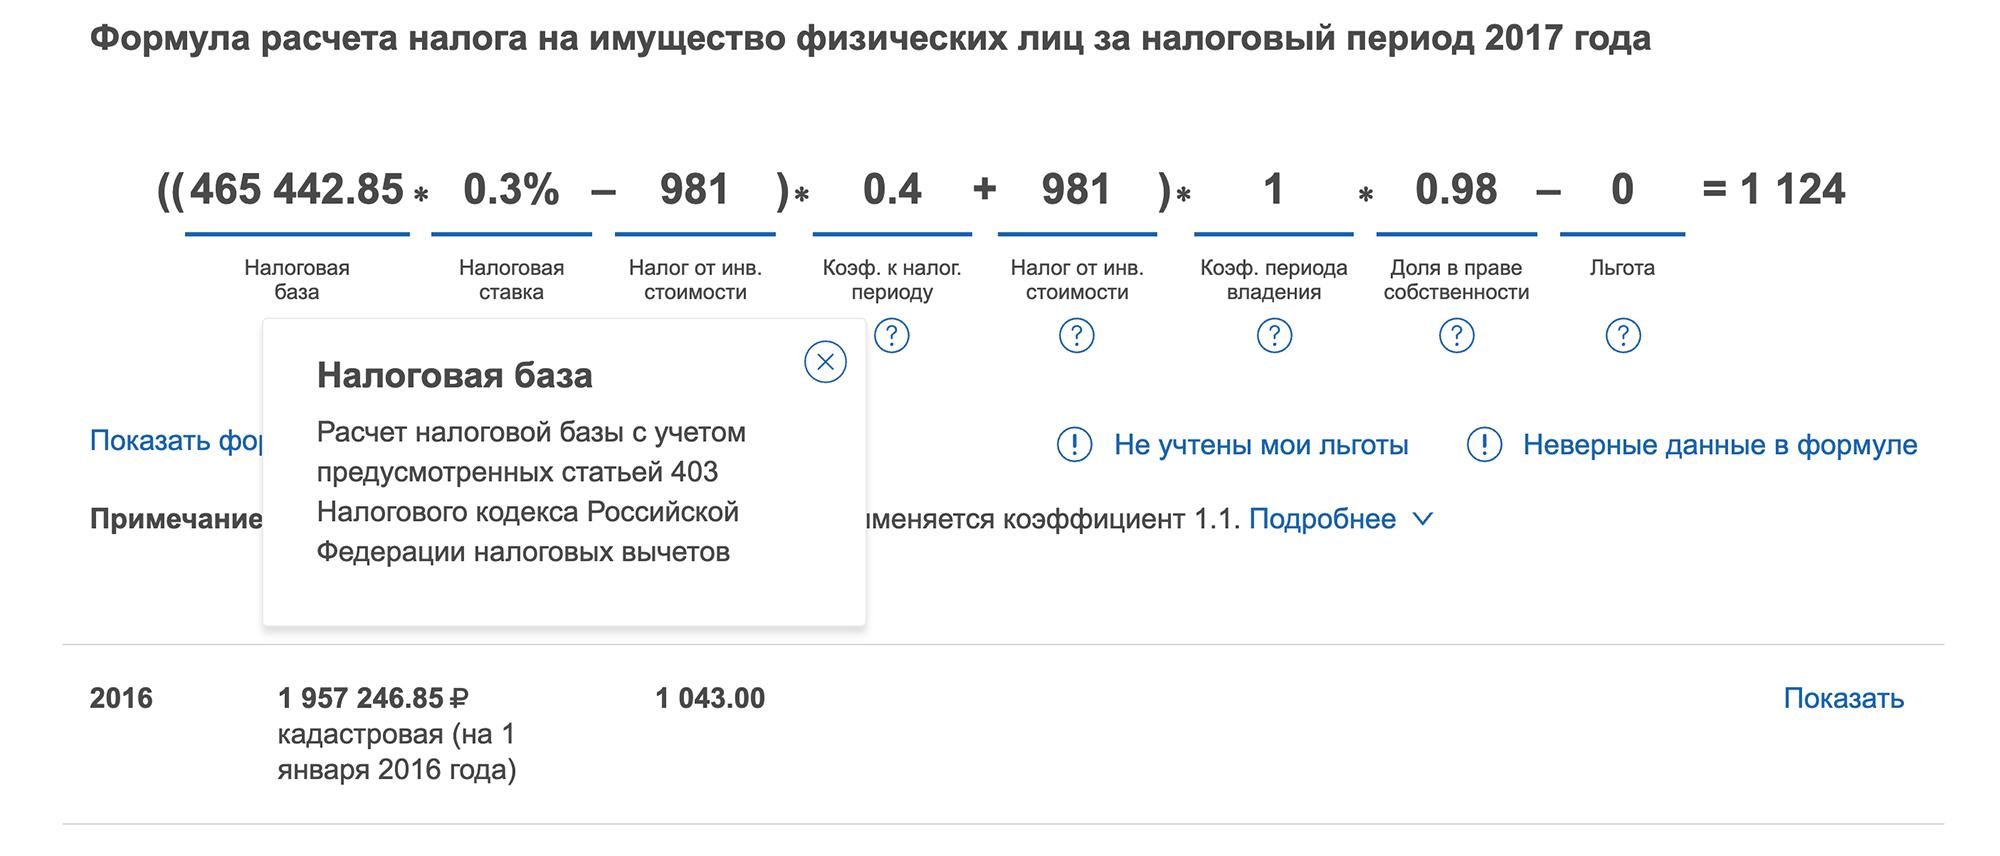 В личном кабинете видно, что кадастровая стоимость дома — почти 2 млн рублей, а налоговая база в 2017 году — 465 тысяч рублей. Есть подсказка, что это из-за налогового вычета: площадь уменьшили на 50 м²